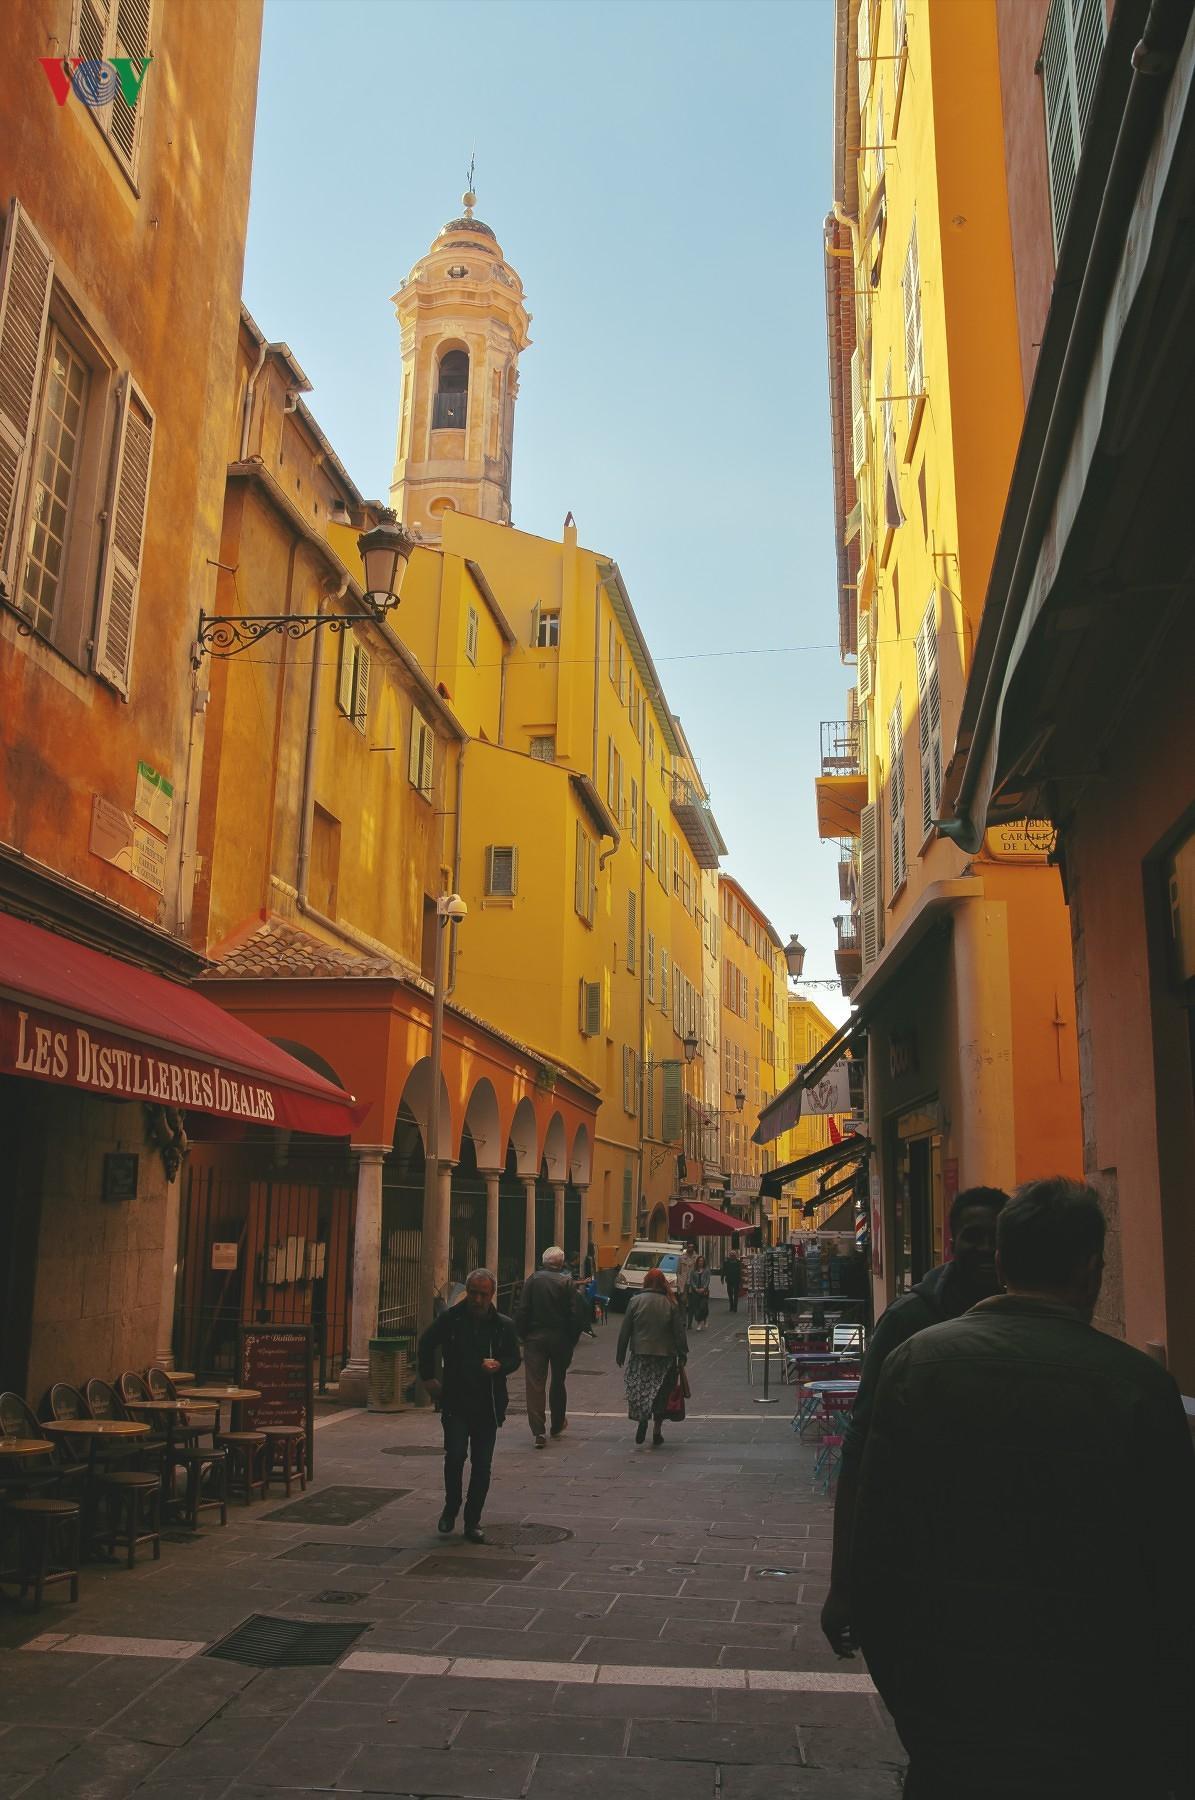 Khám phá Nice - thành phố biển quyến rũ nhất Địa Trung Hải Ảnh 22